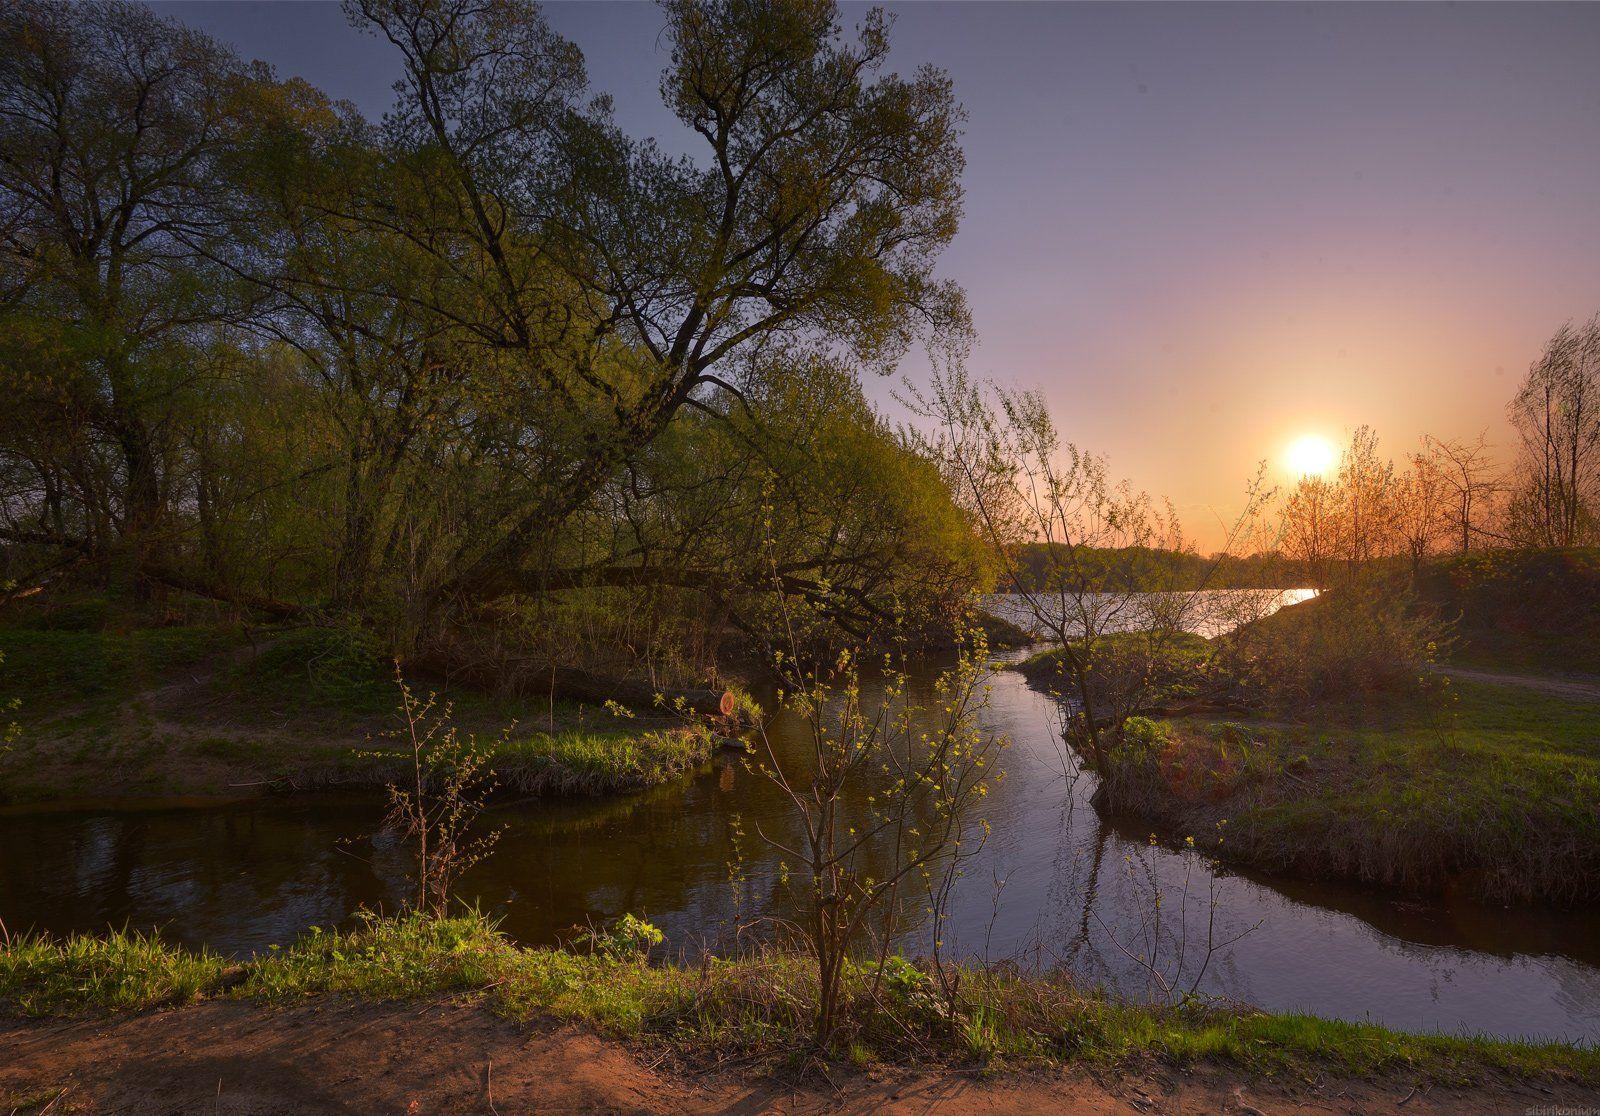 #пейзаж #весна #подмосковье #чехов #красиво #природа #закат #вечер, Морозов Юрий